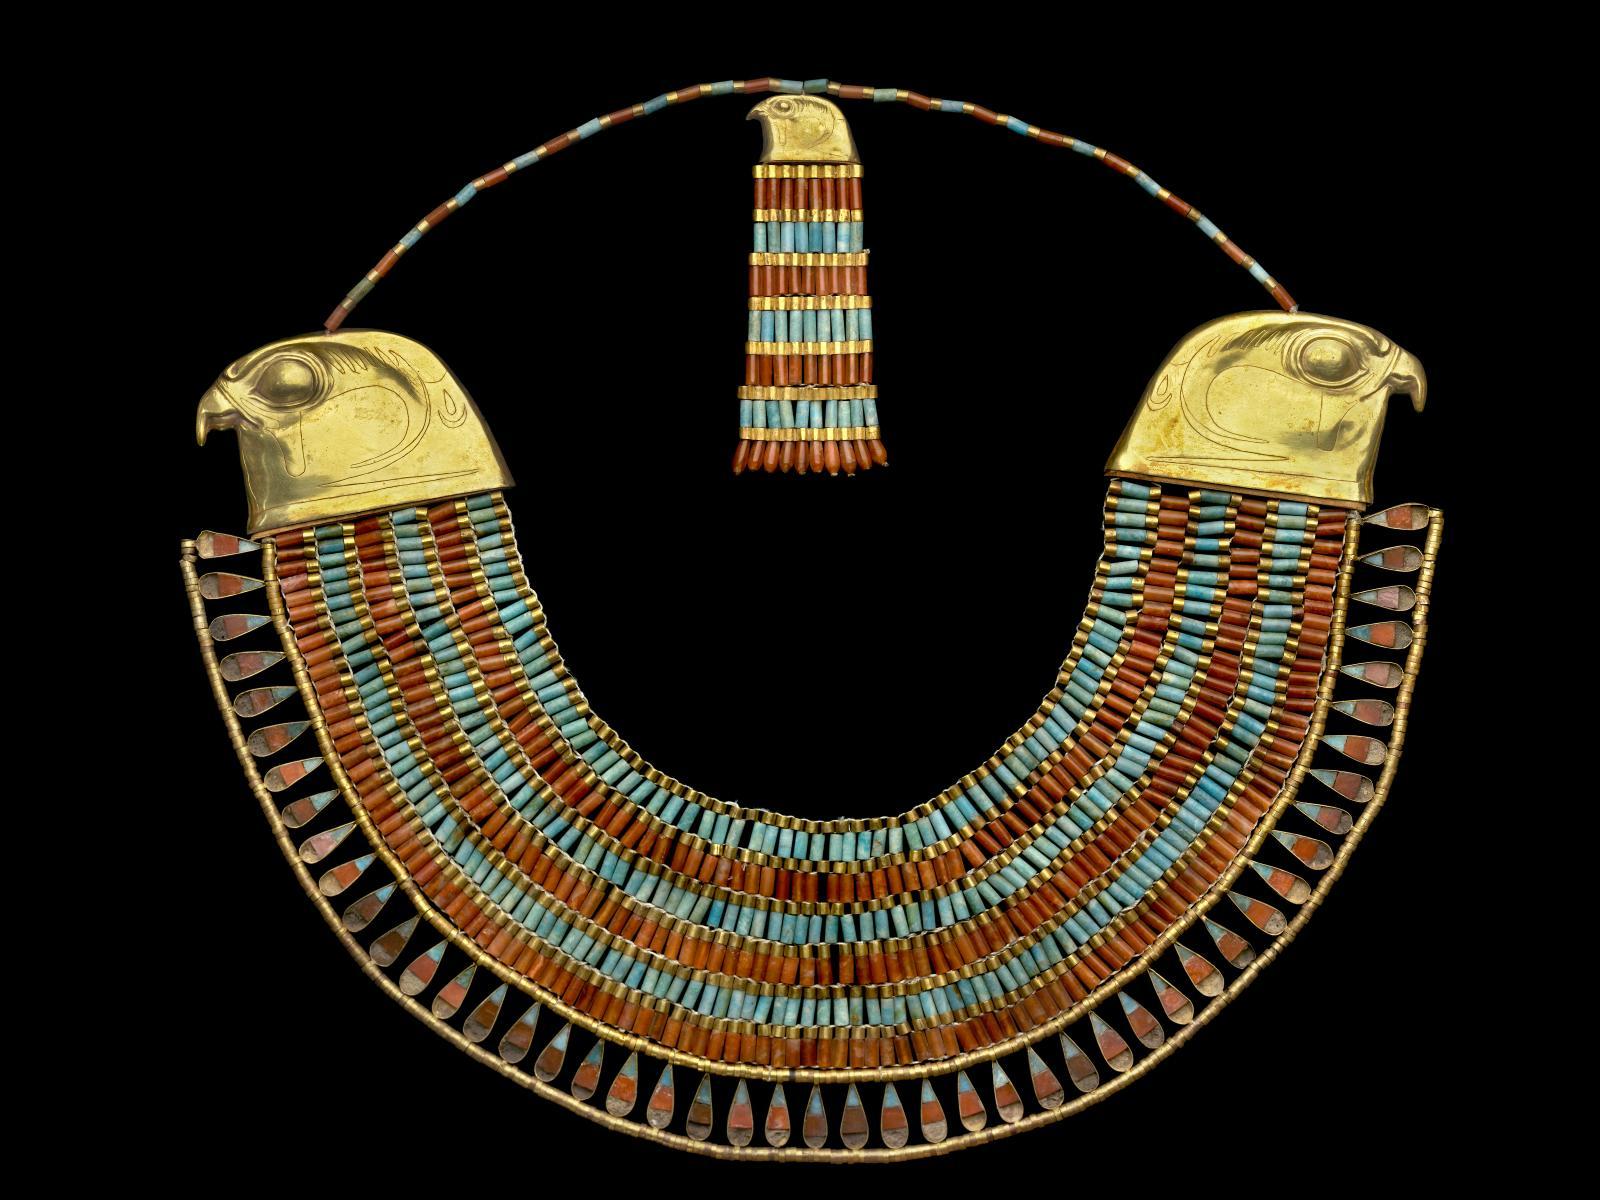 """Collier large """"ousekh"""" à contrepoids, Hawara, pyramide de Néferouptah, XIIe dynastie, règne d'Amenemhat III. Musée égyptien, Le Caire."""